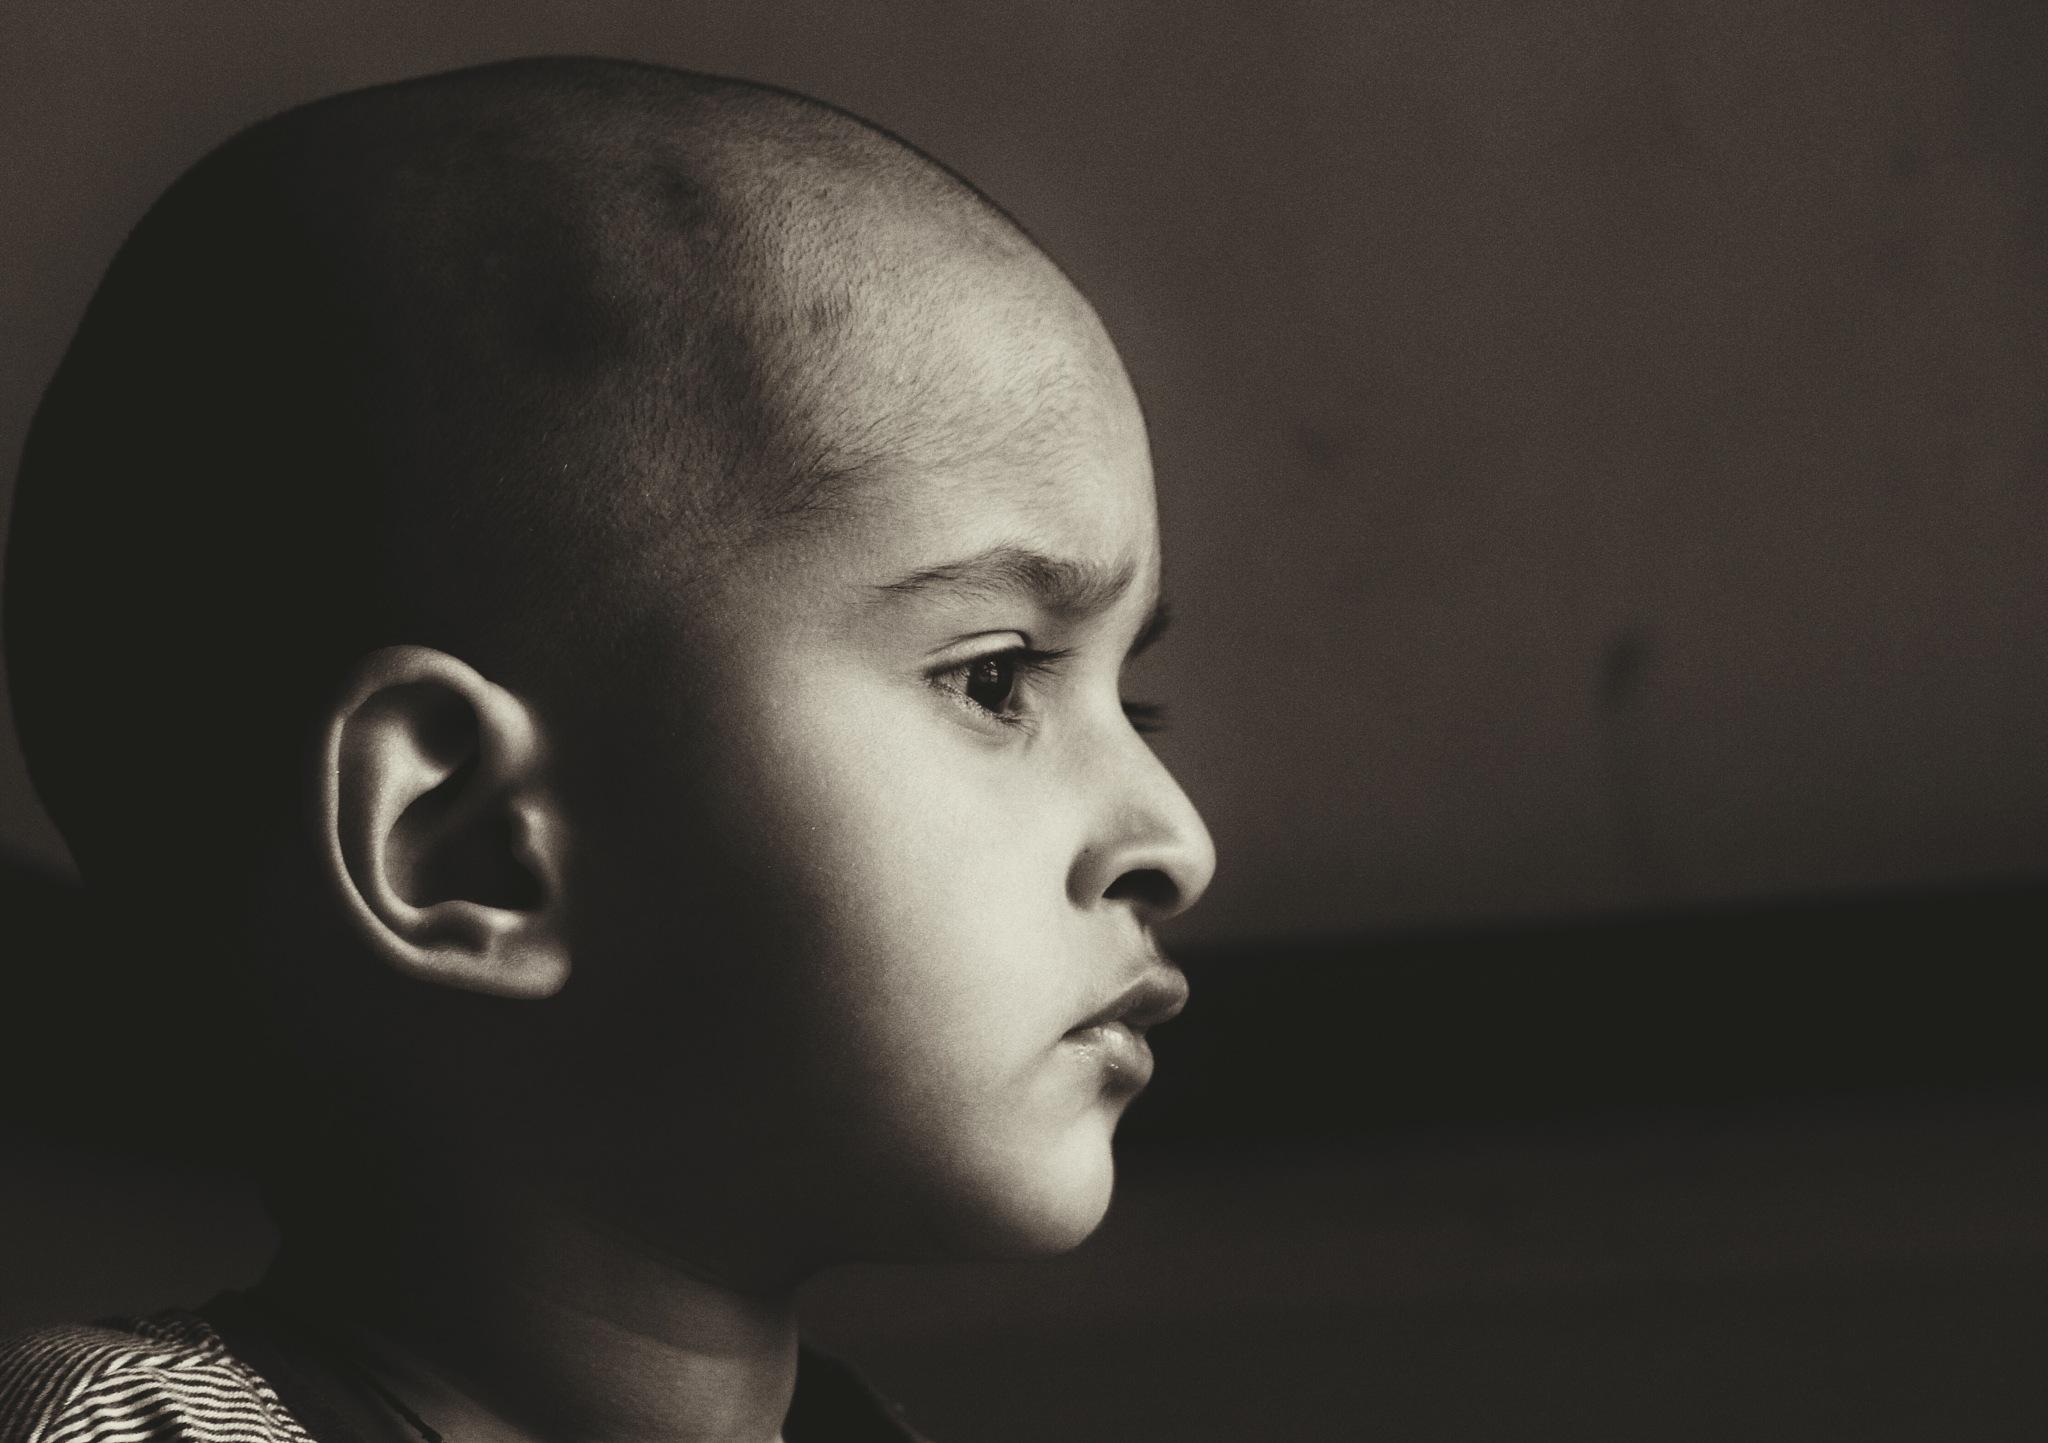 Portrait by Nirav Mehta